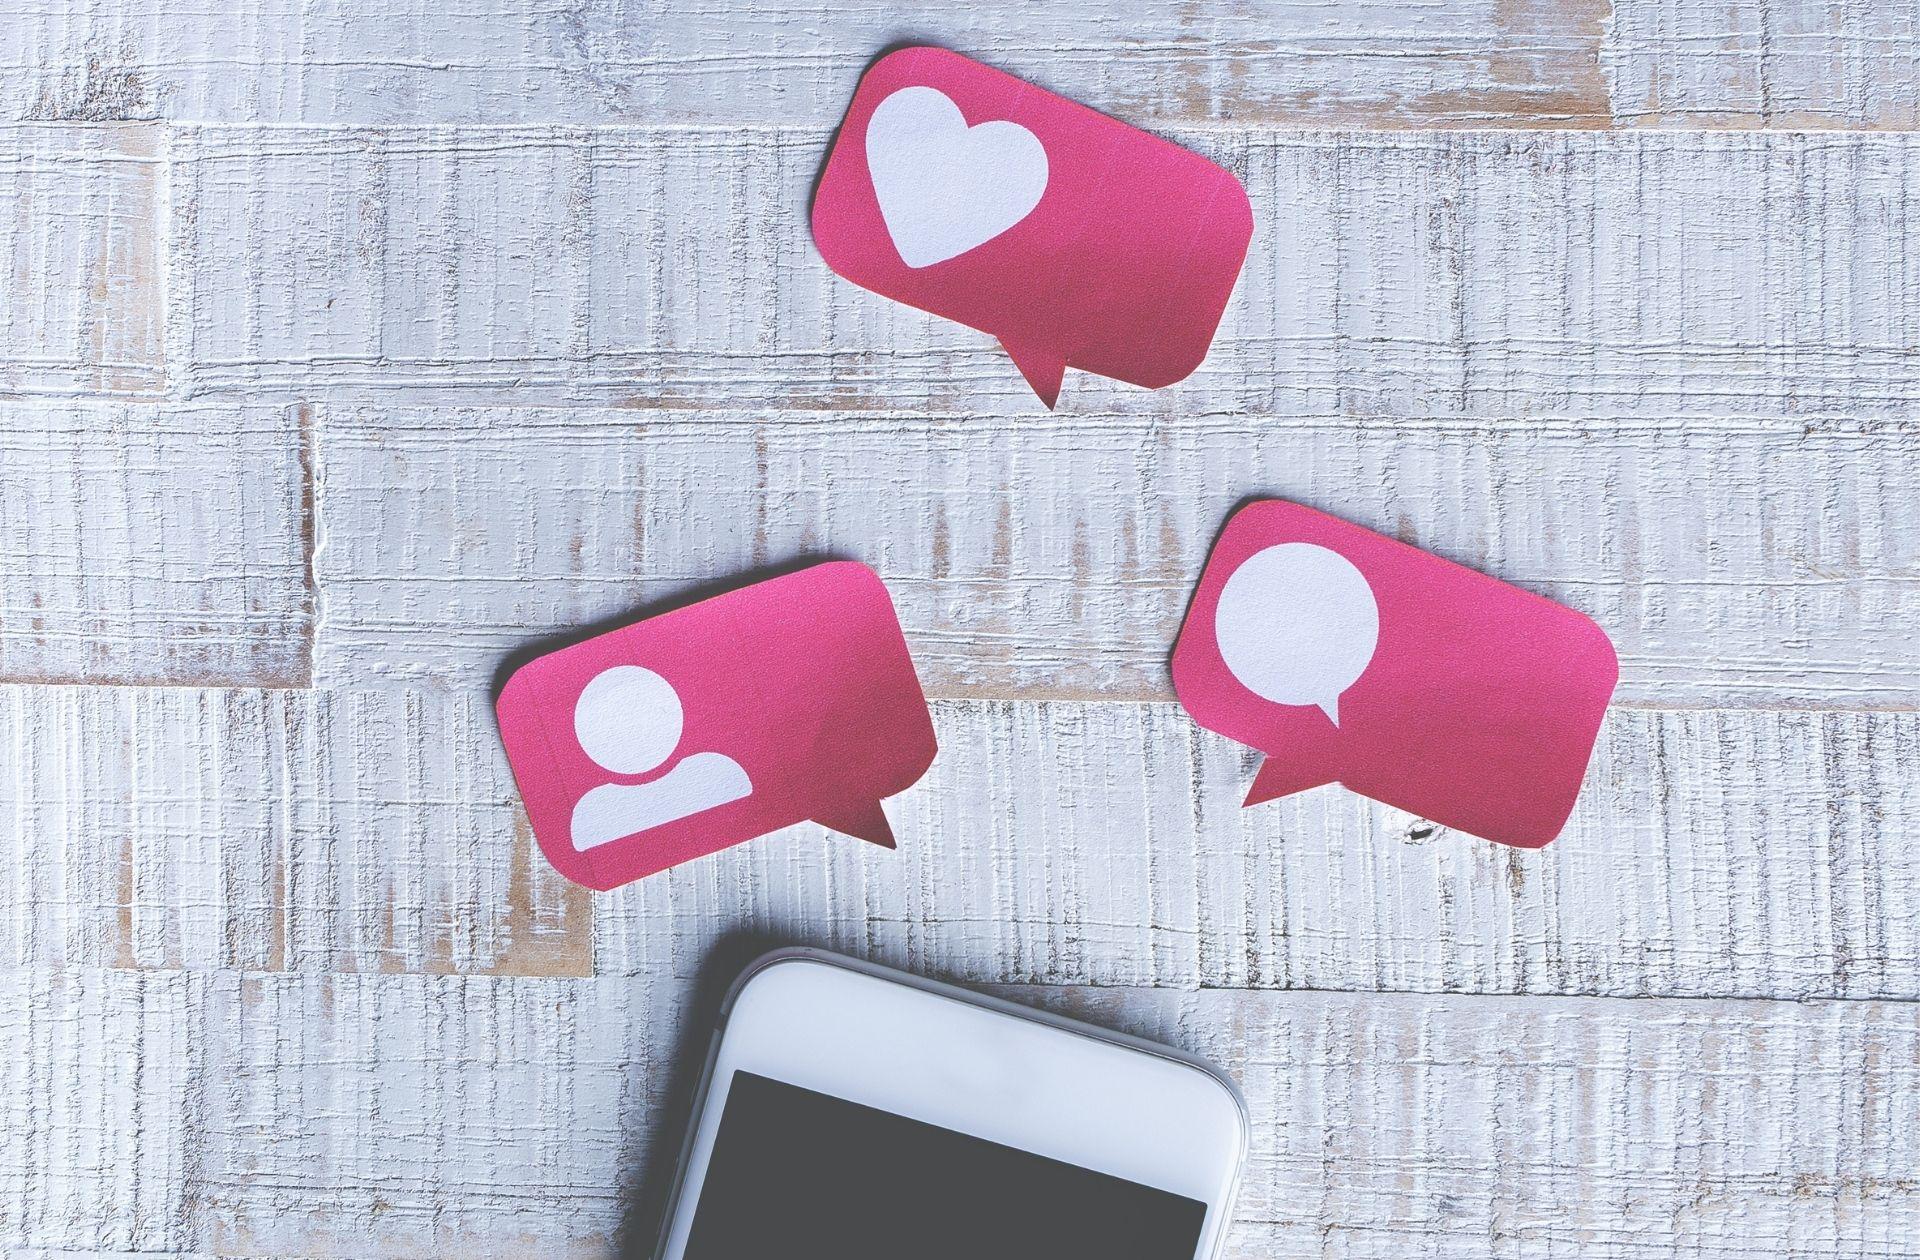 Instagram continue à lutter contre l'obsession des likes avec de nouvelles options